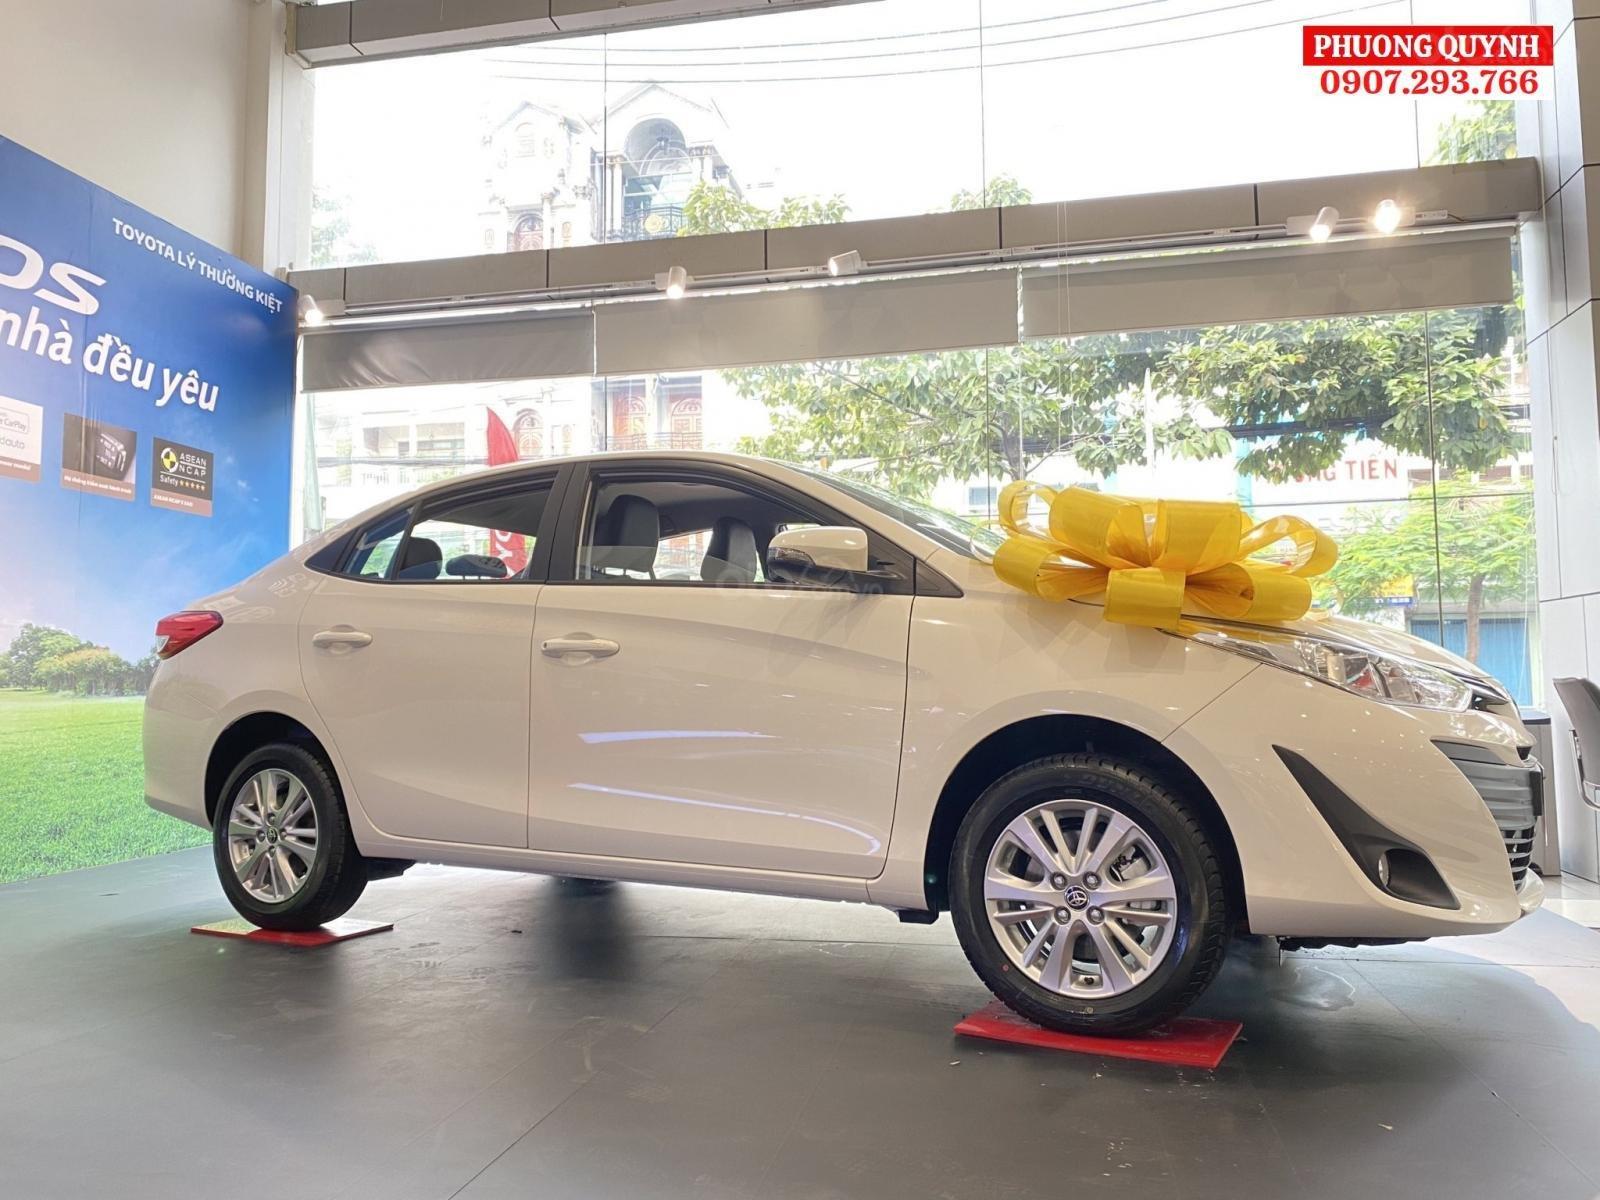 Toyota Vios 2020 giá tốt - khuyến mãi nhiều - giảm ngay 50% thuế trước bạ (3)